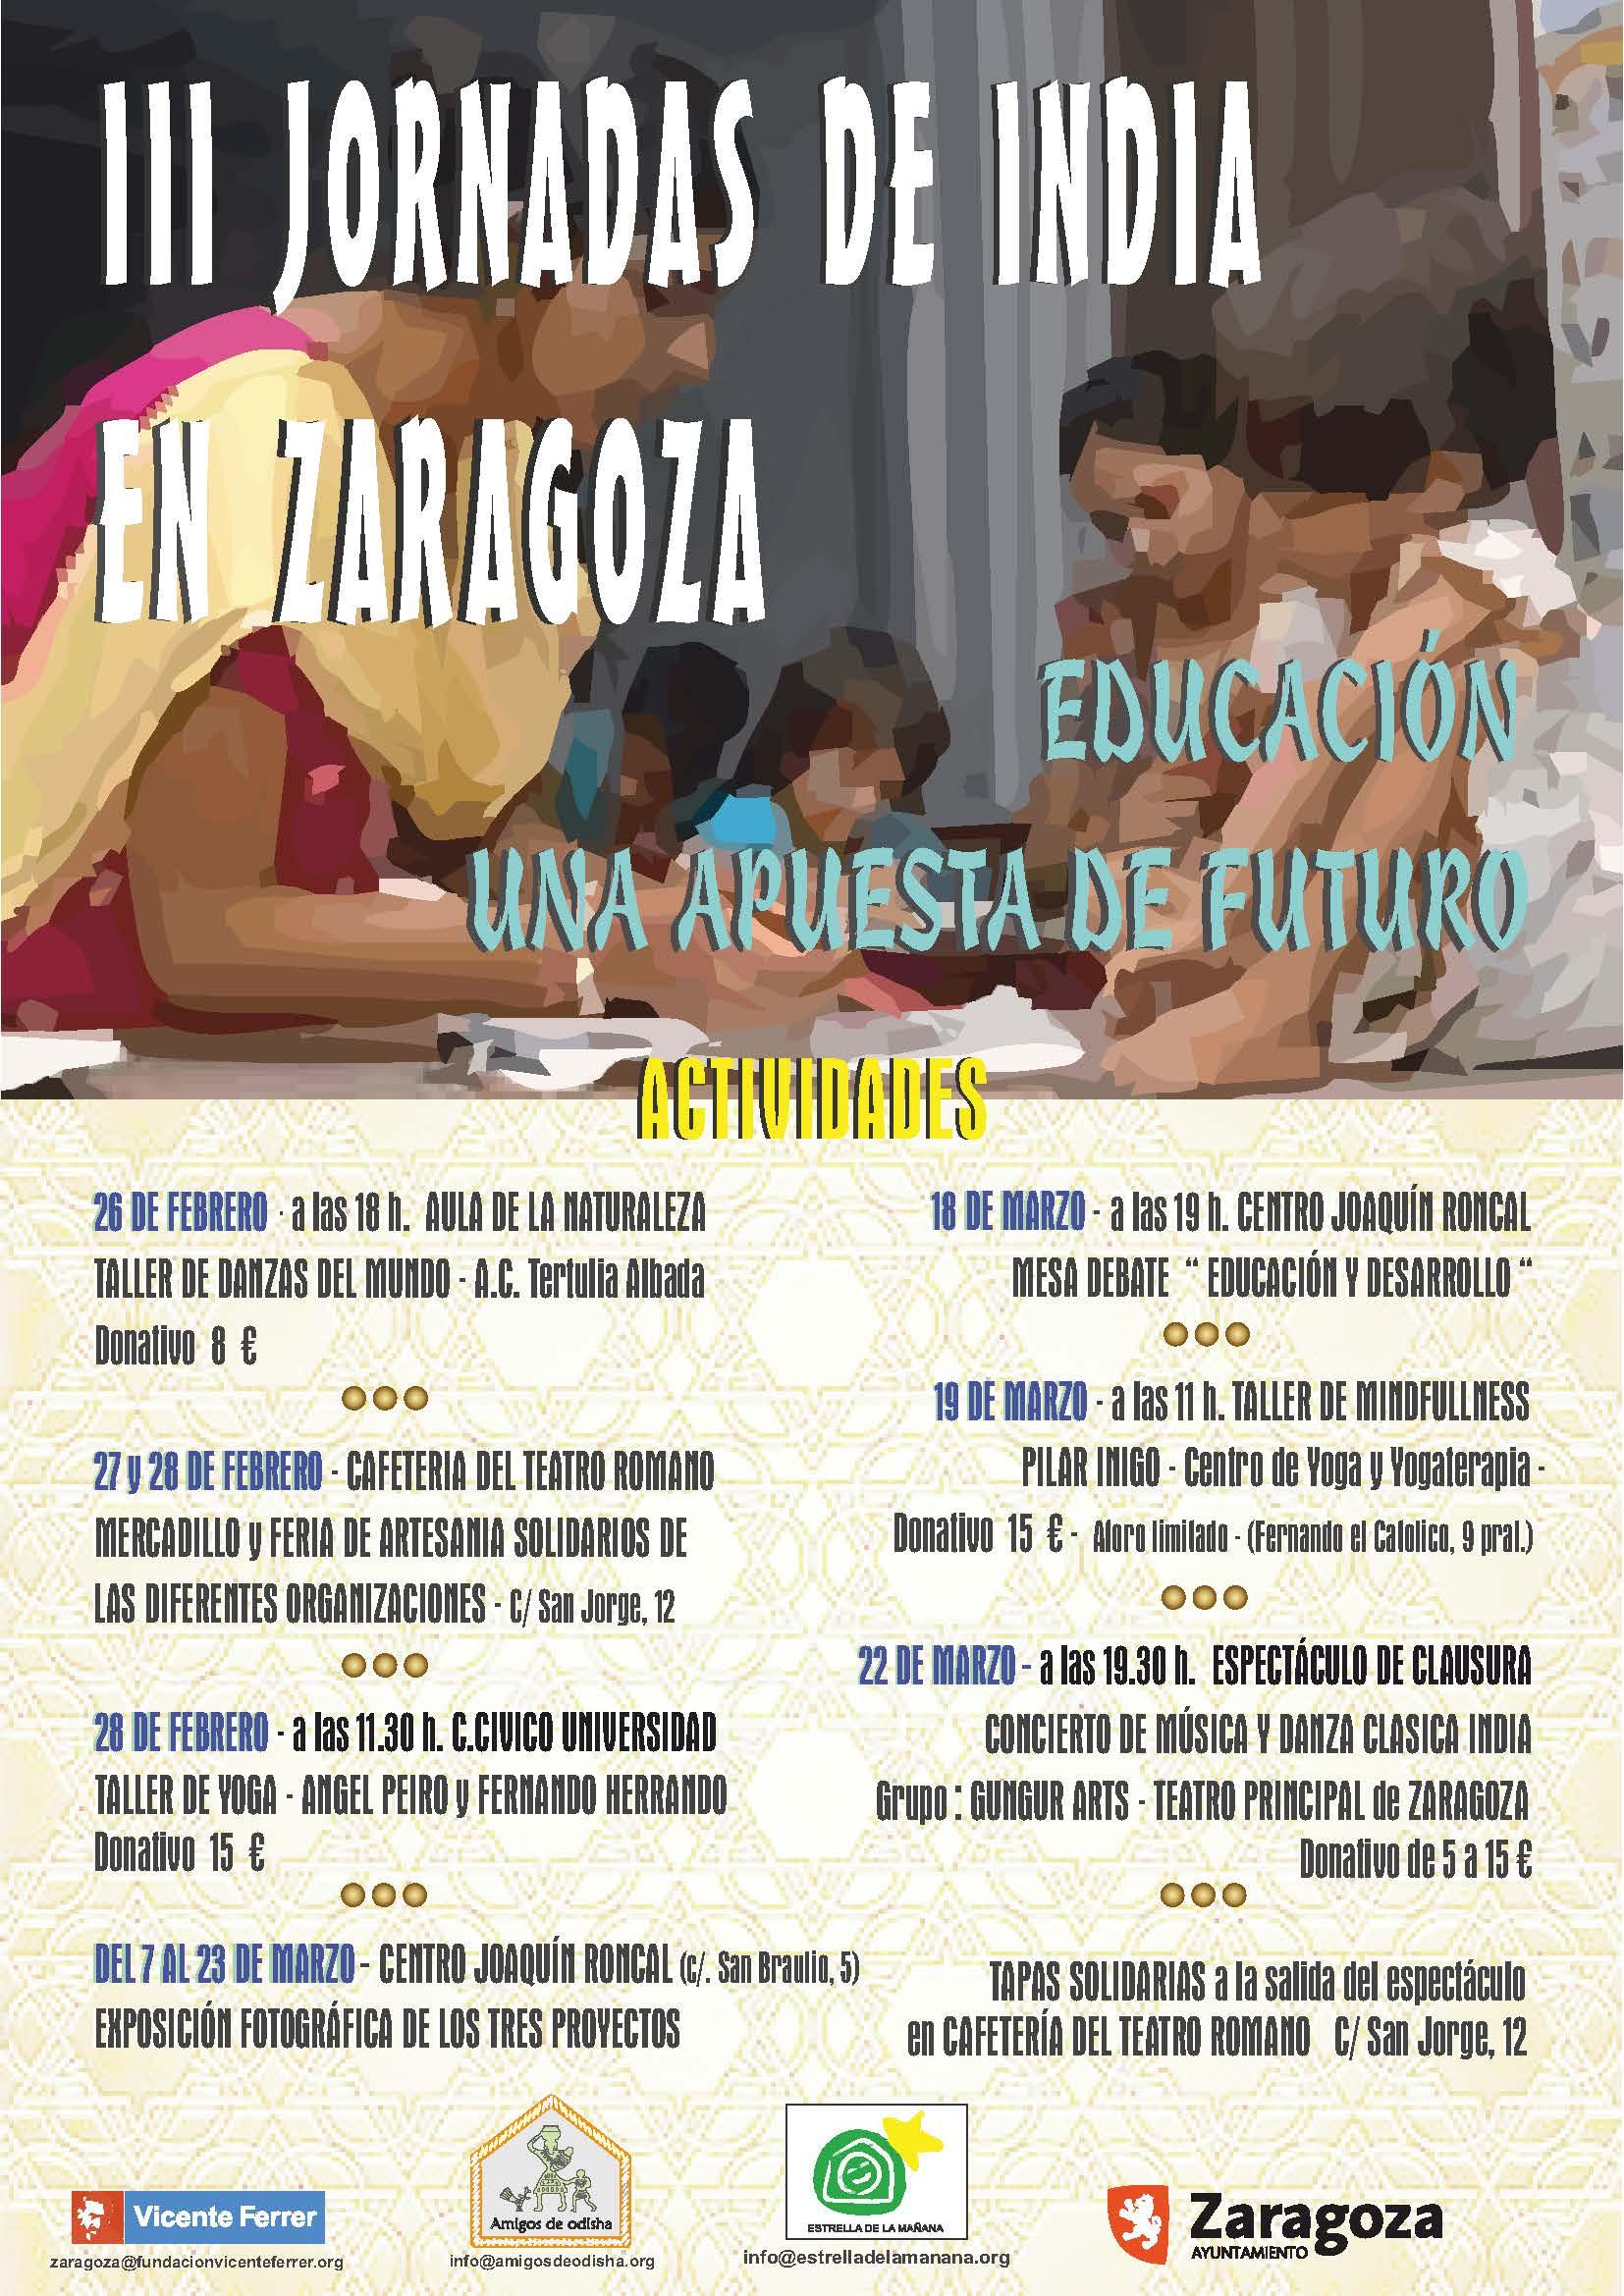 III JORNADAS de India en Zaragoza